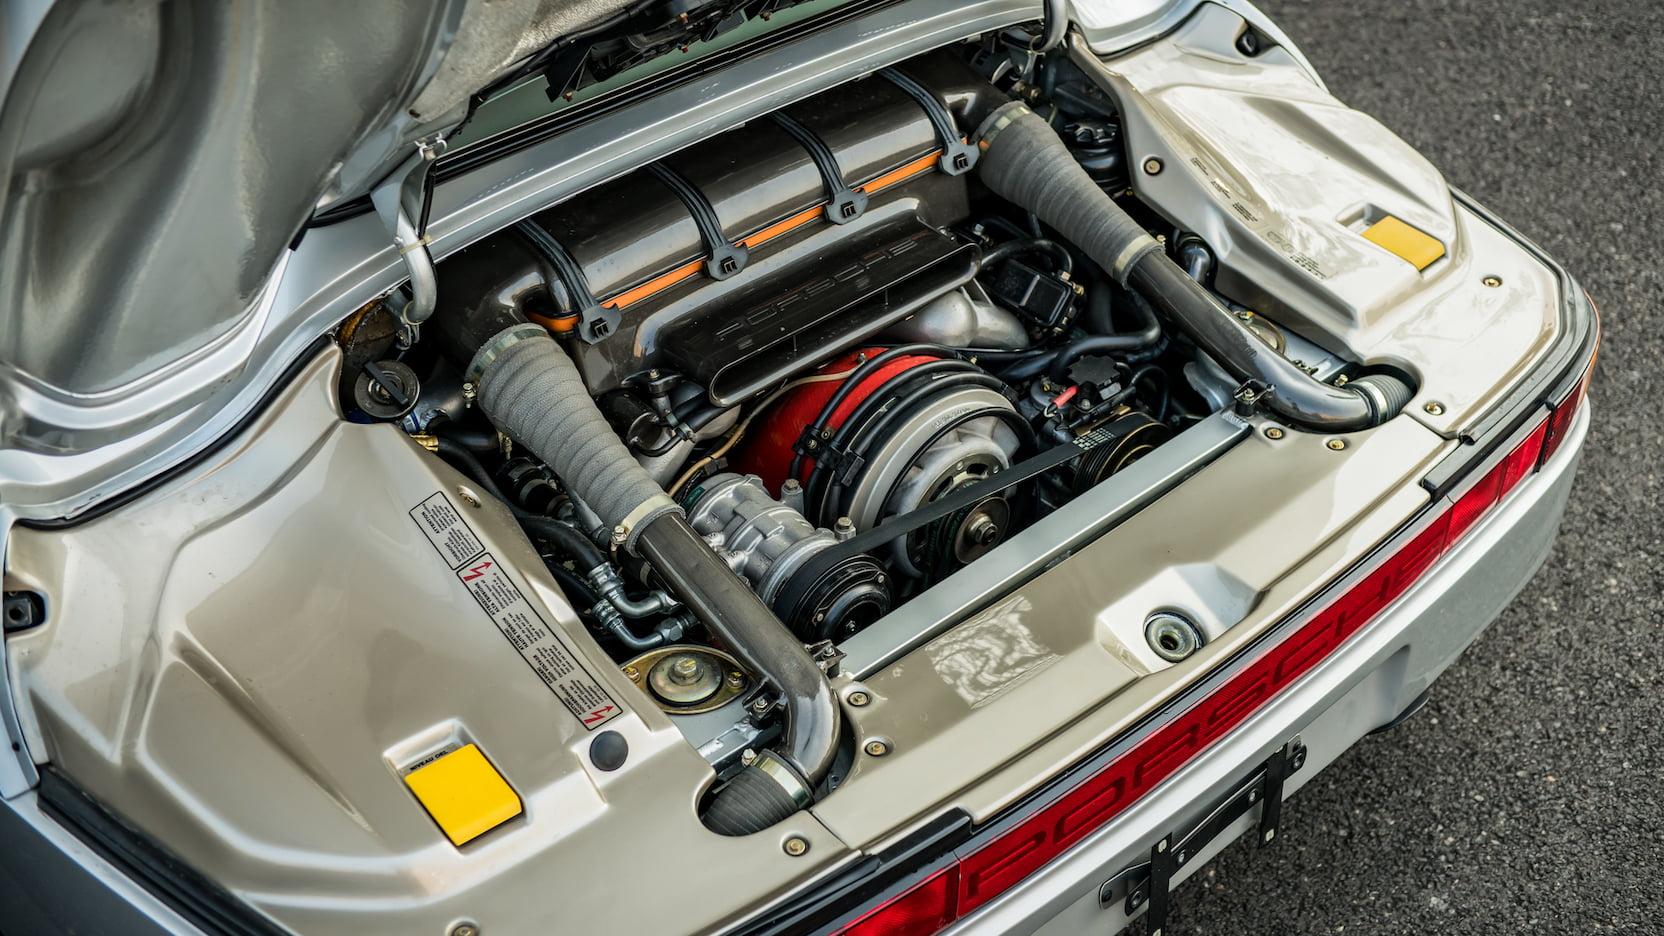 1987 Porsche 959 Komfort engine